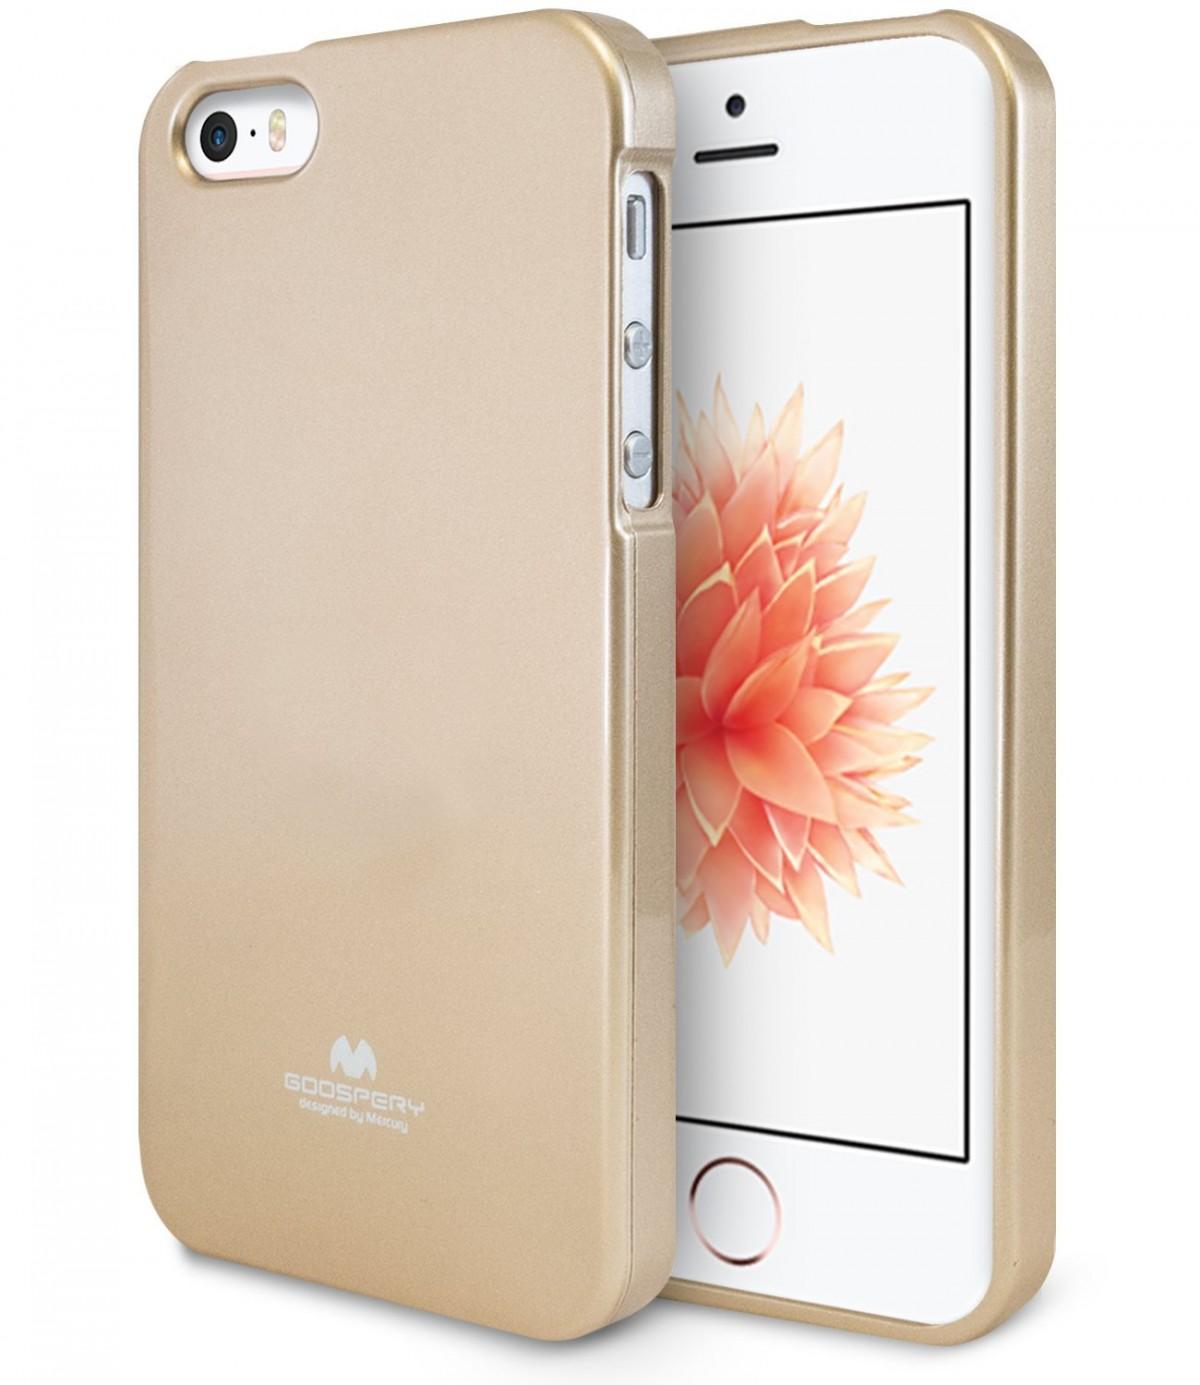 Silikonové obaly / kryty Goospery Mercury pro Apple iPhone SE / 5s / 5c / 5 - Zlatý